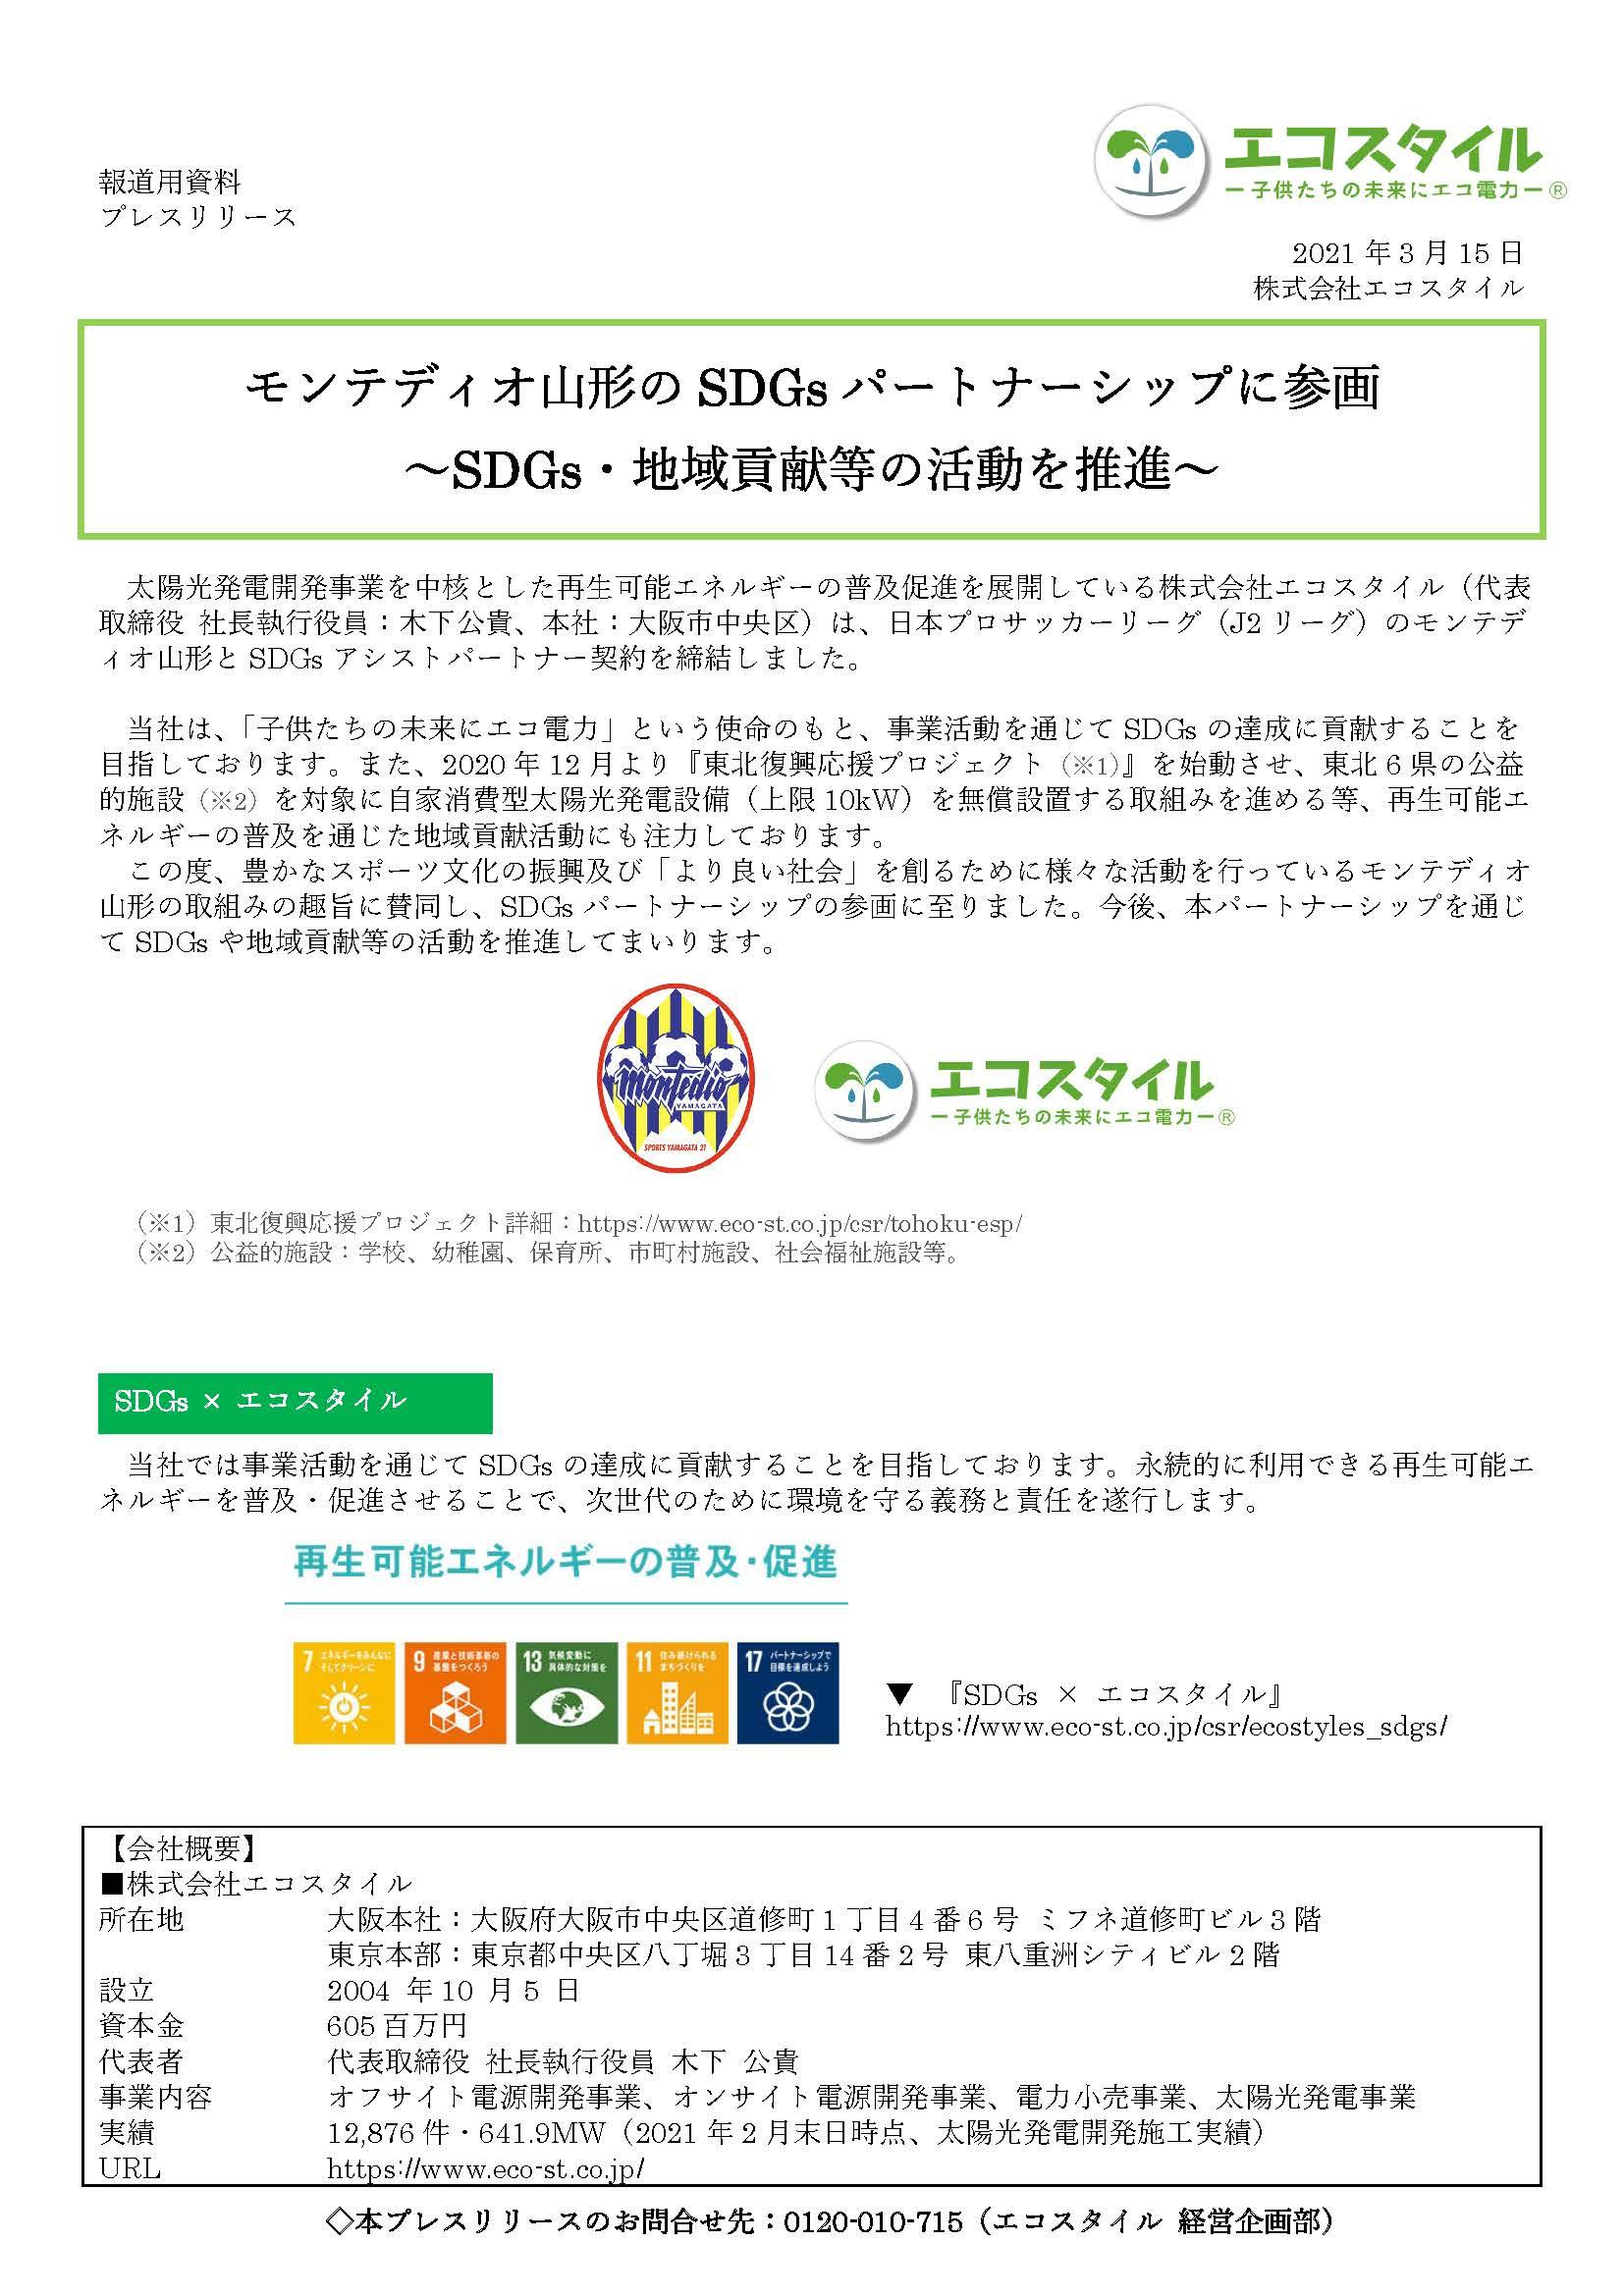 プレスリリース:モンテディオ山形のSDGsパートナーシップに参画~SDGs・地域貢献等の活動を推進~